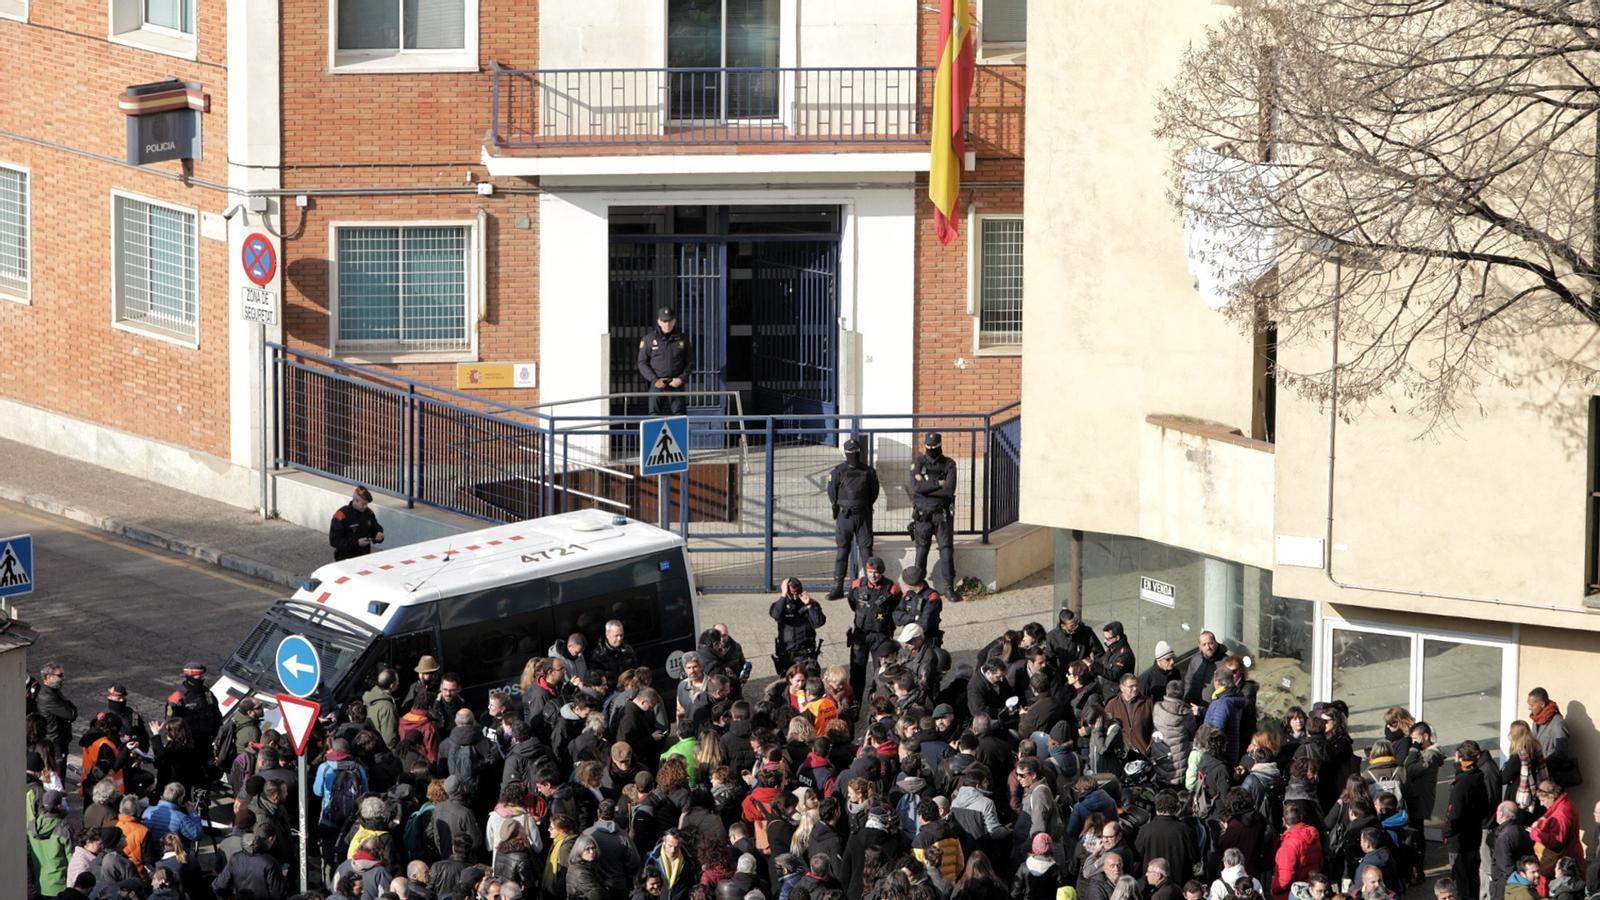 L'anàlisi d'Antoni Bassas: 'Un estat de dret no actua així'